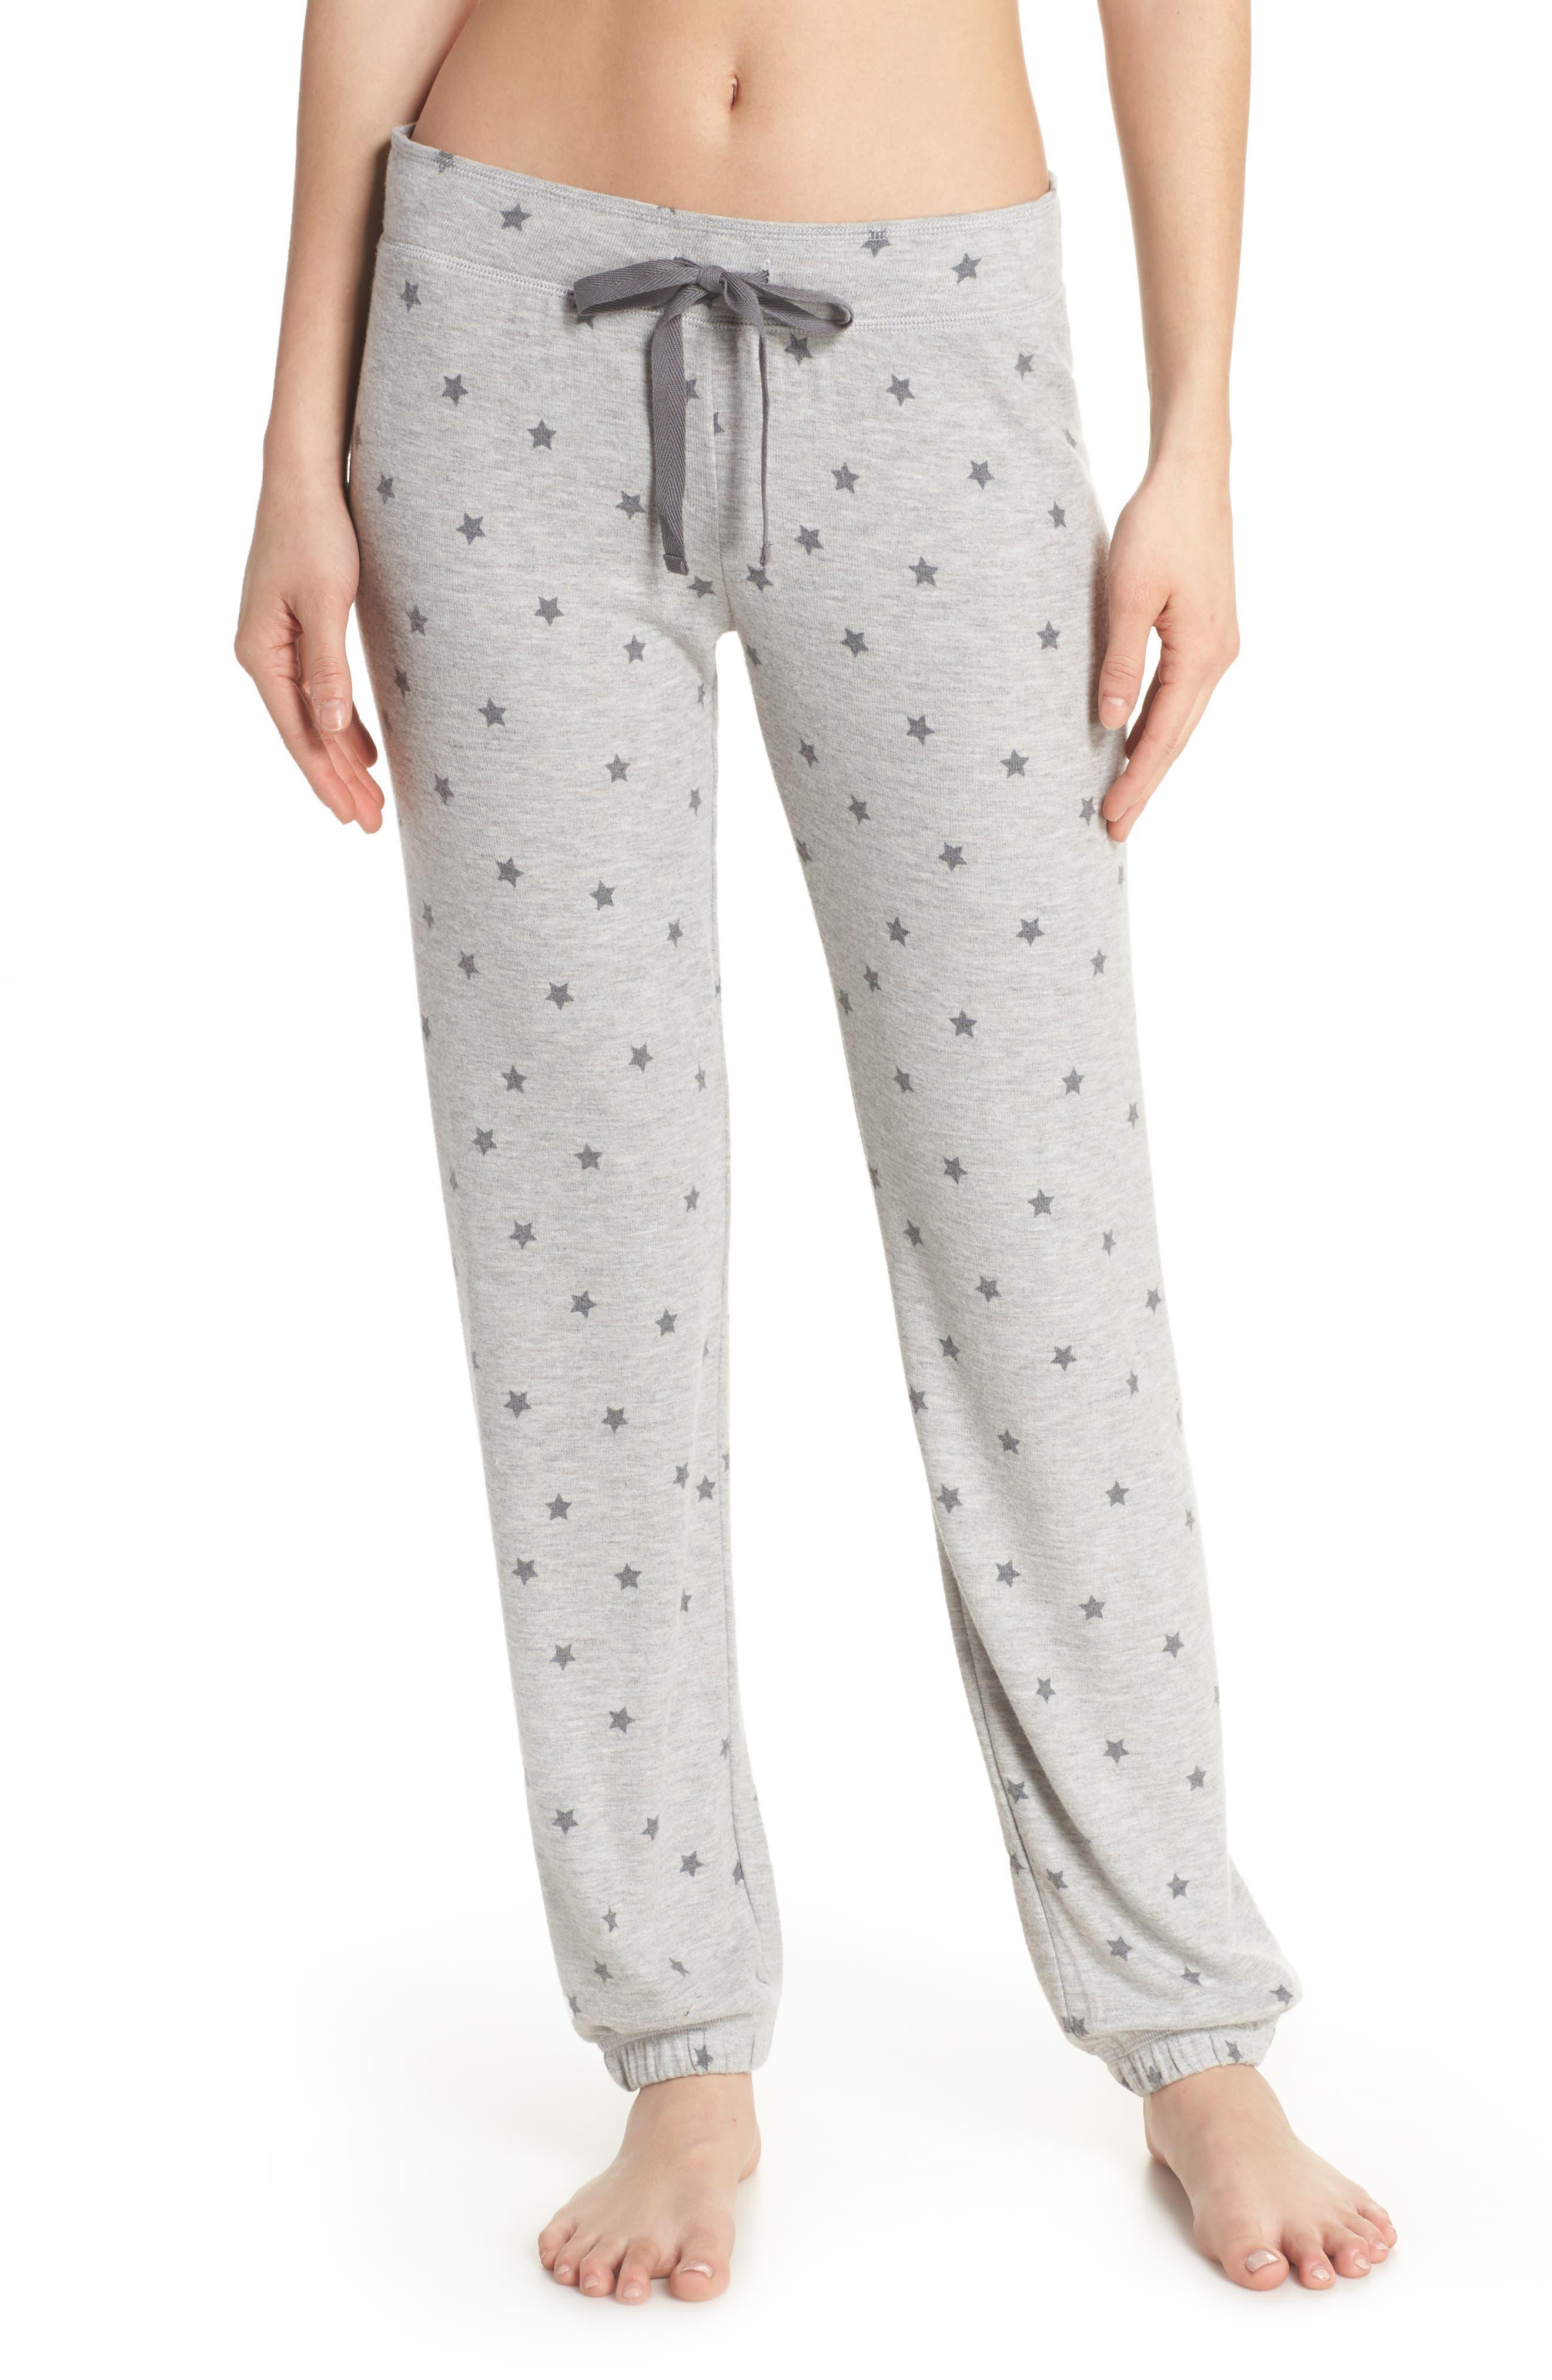 Peachy Pajama Pants,                             Main thumbnail 1, color,                             020